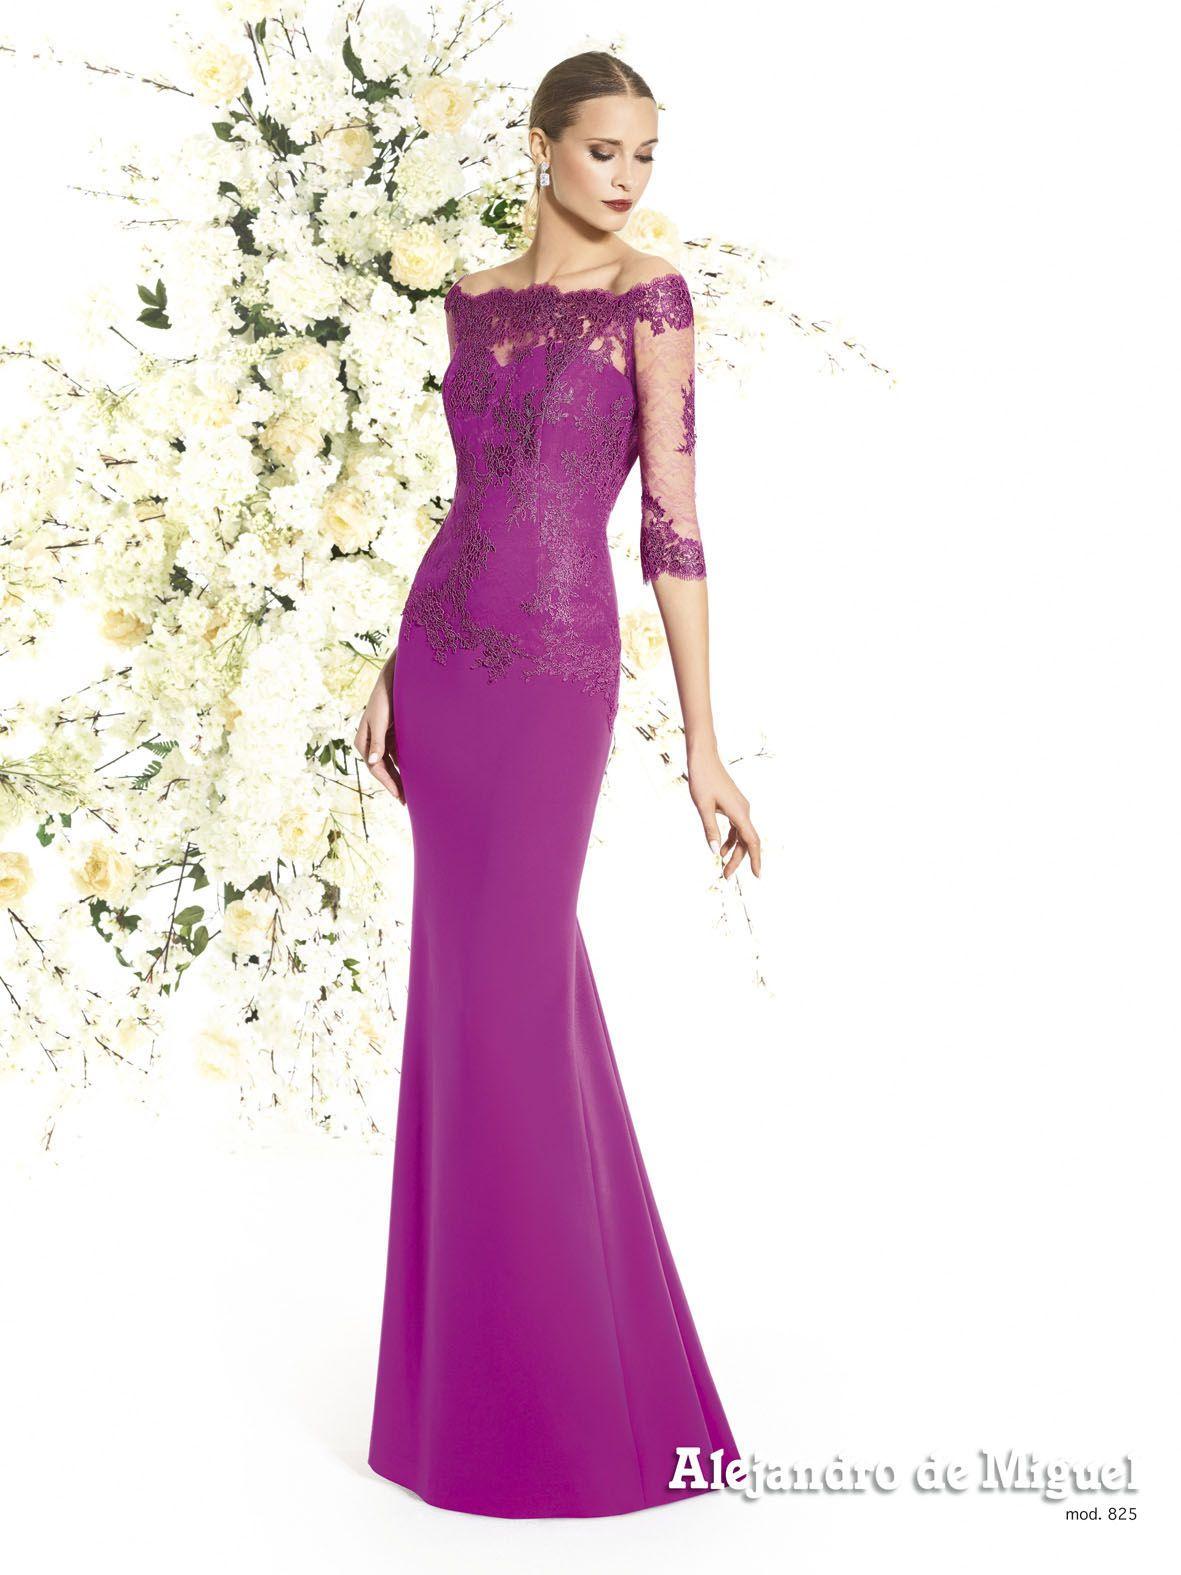 Alejandro de Miguel | Vestido Largo – mod. 825 | invitada boda ideas ...